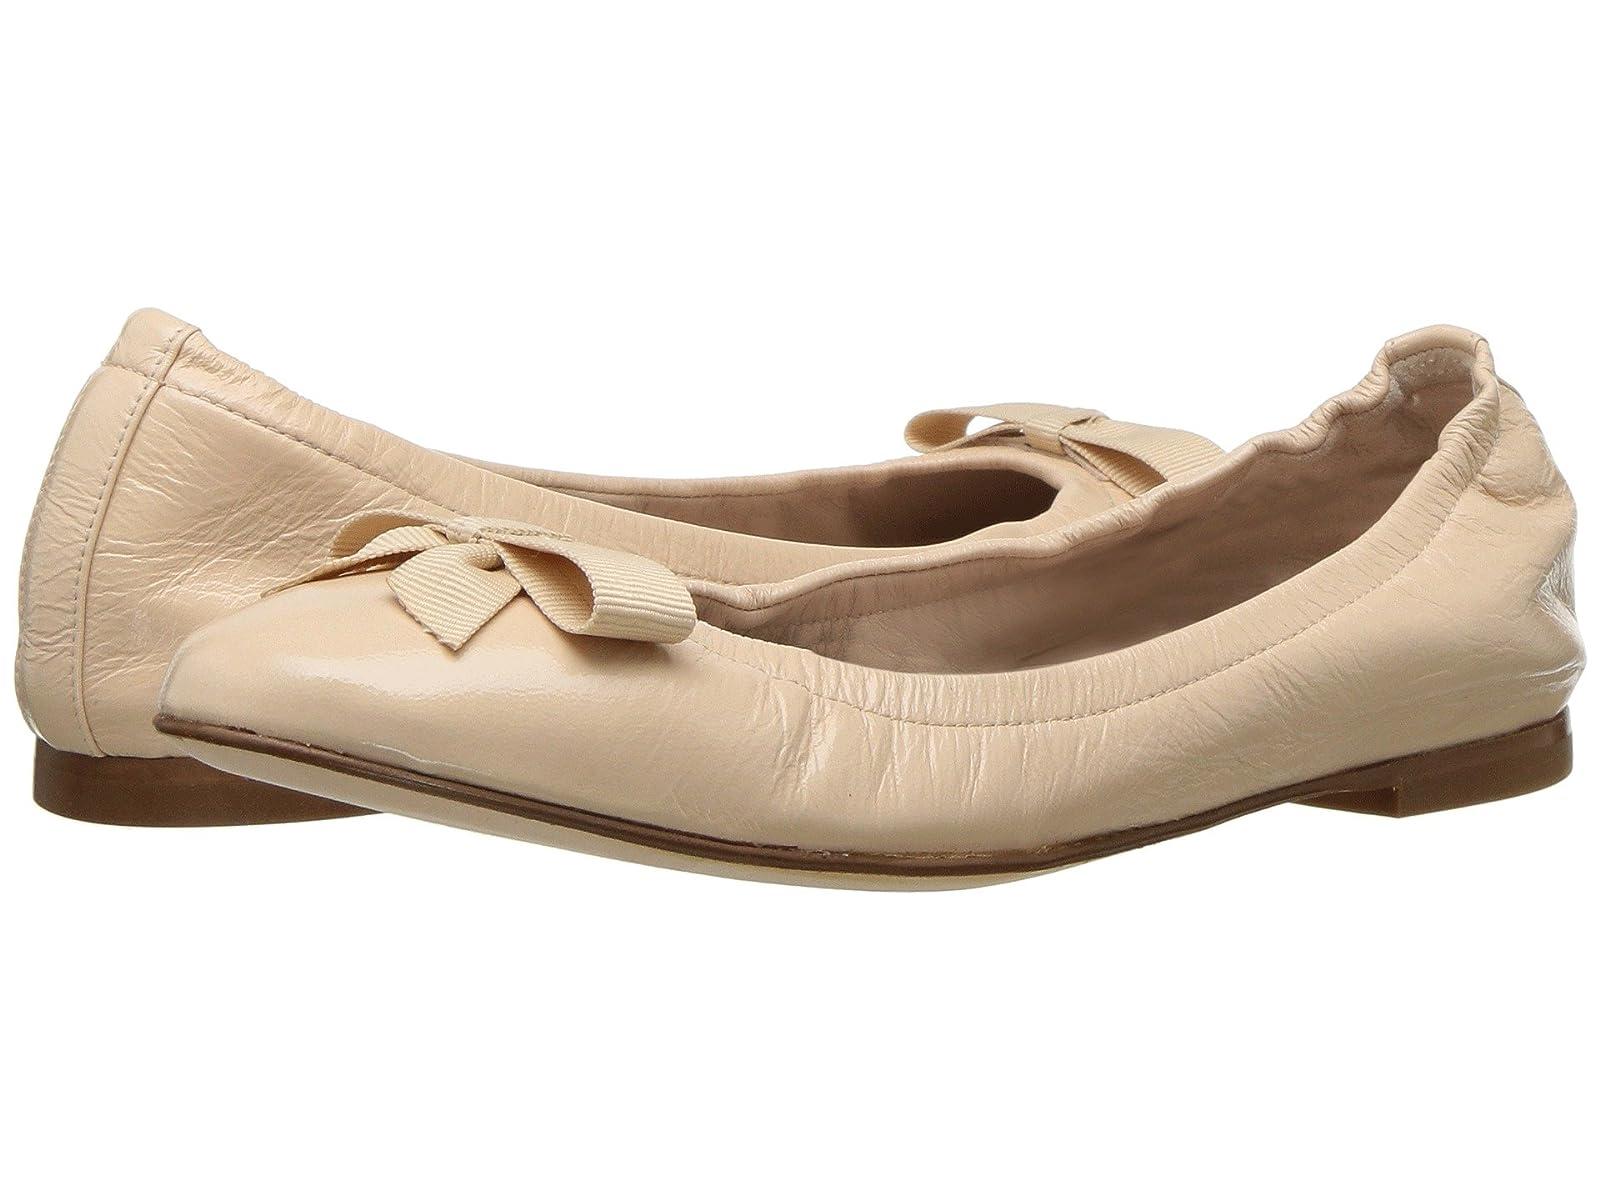 Stuart Weitzman RavenAtmospheric grades have affordable shoes